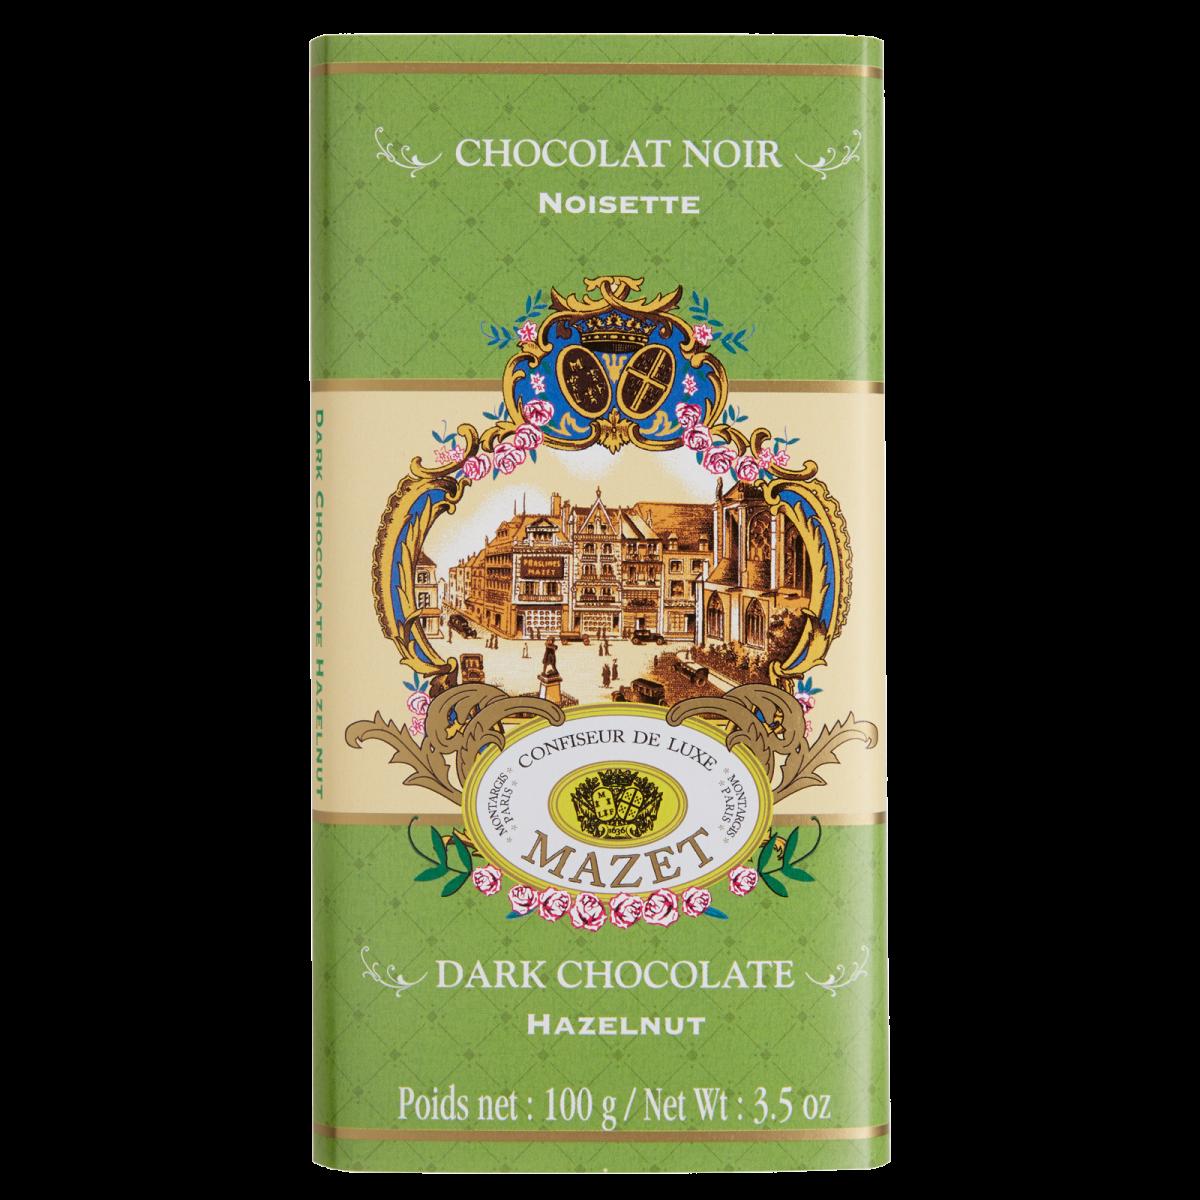 Tablettes de Chocolat - Tablette noir Noisette 100g